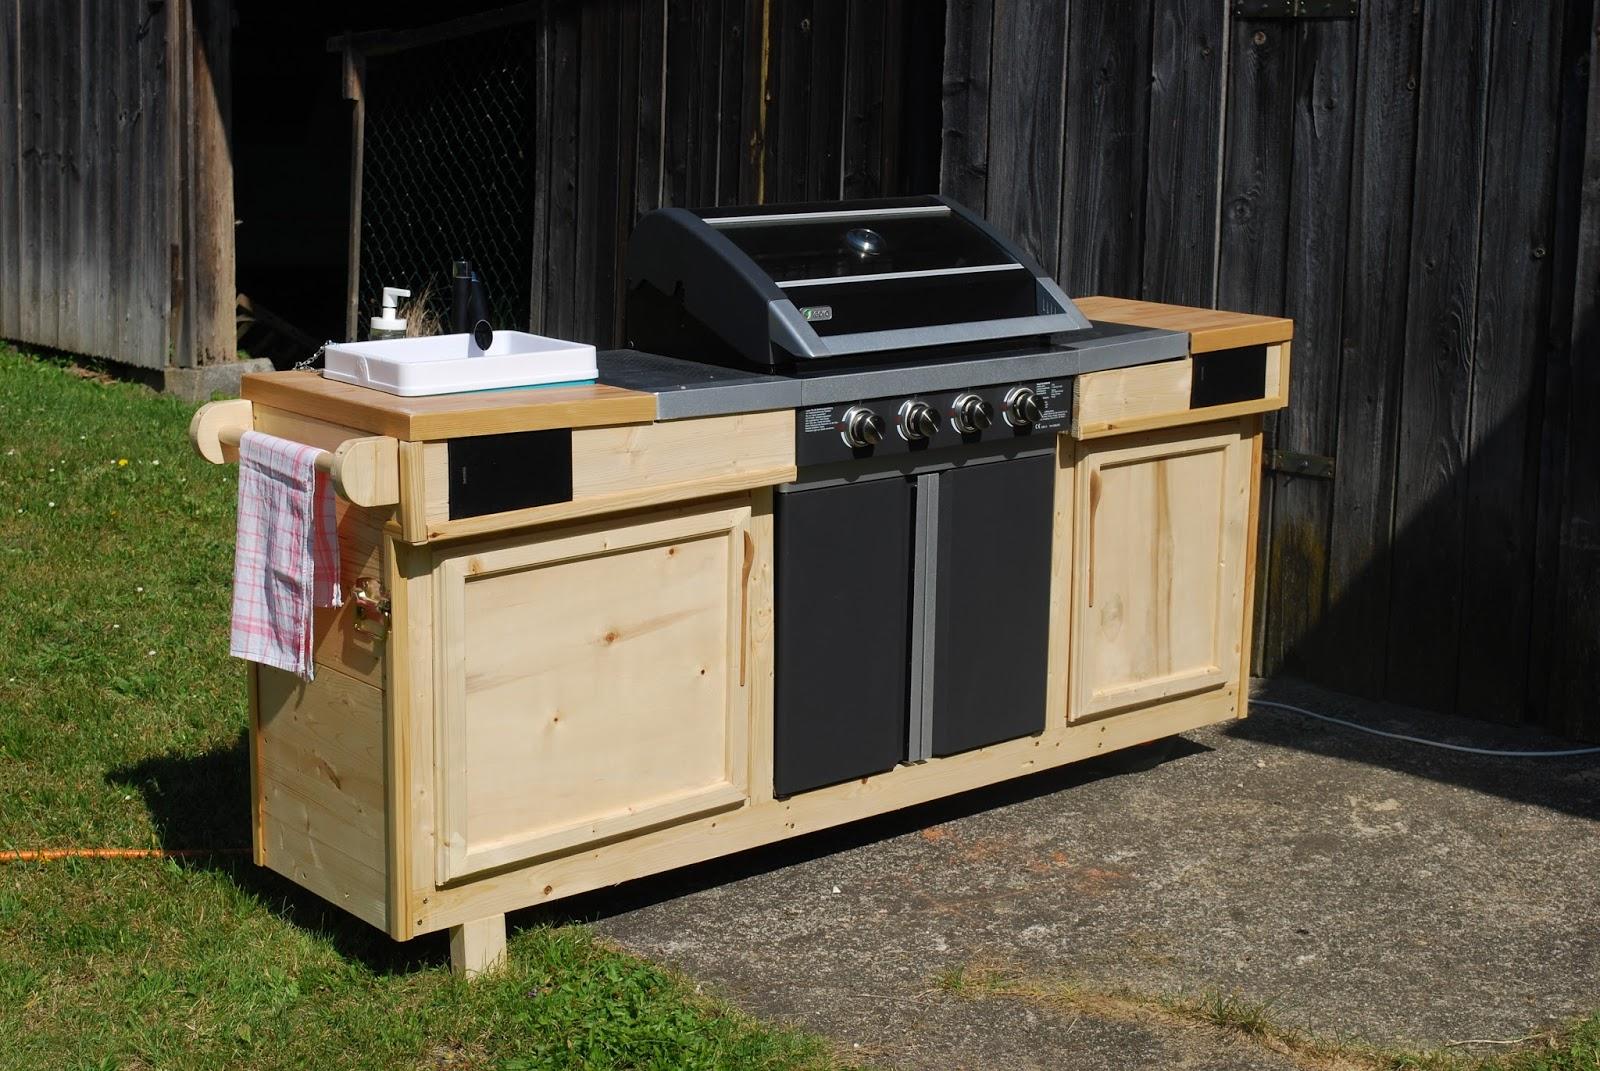 Outdoorküche Holz Preise : Outdoor küche holz outdoor küche holz küchen wandregal holz